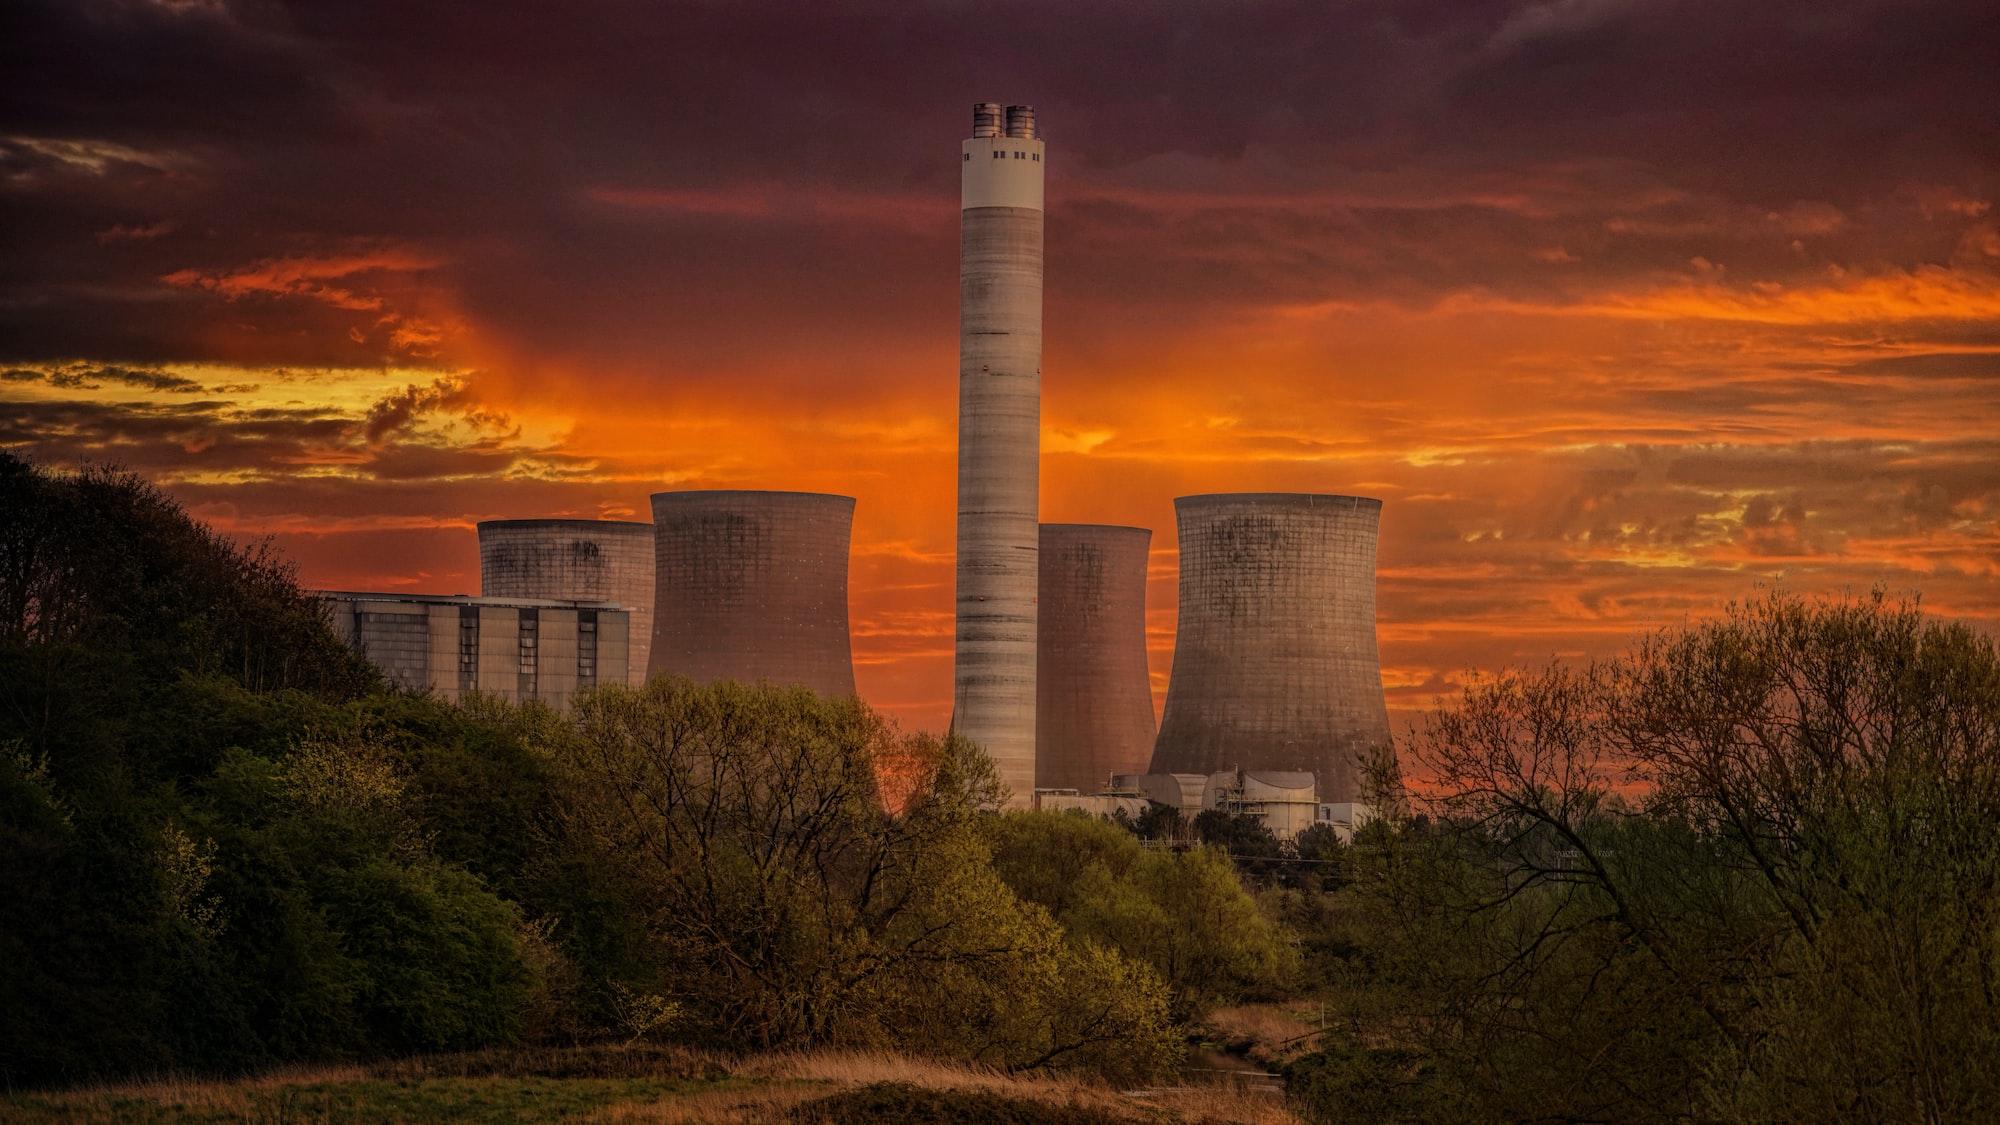 Uzavření jaderných elektráren v Německu povede k tisícům úmrtí kvůli zvýšeným emisím, odhaduje studie